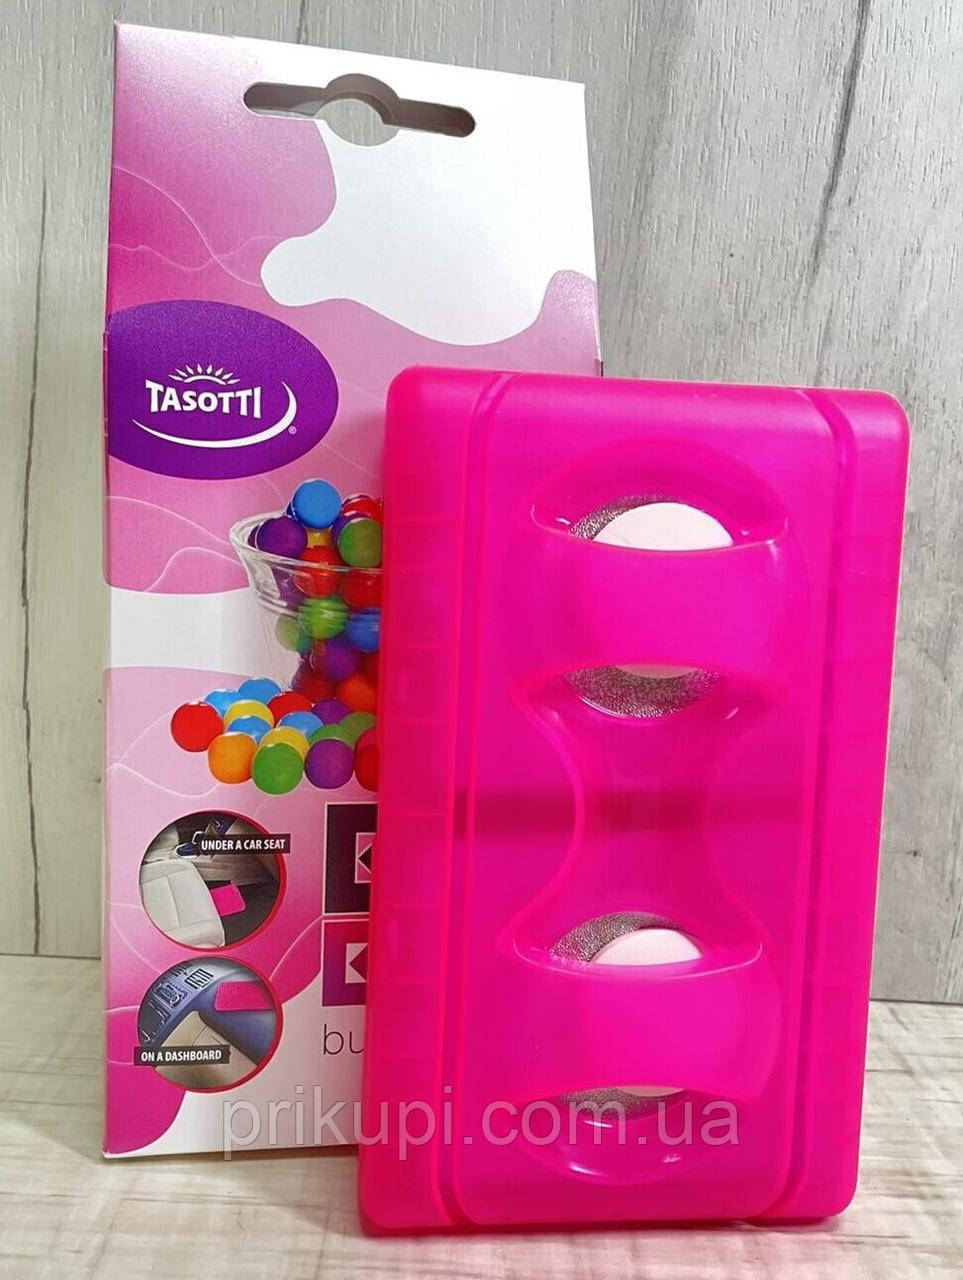 Ароматизатор в машину под сиденье многоразовый Tasotti Bubble Gum до 60 дней Большой